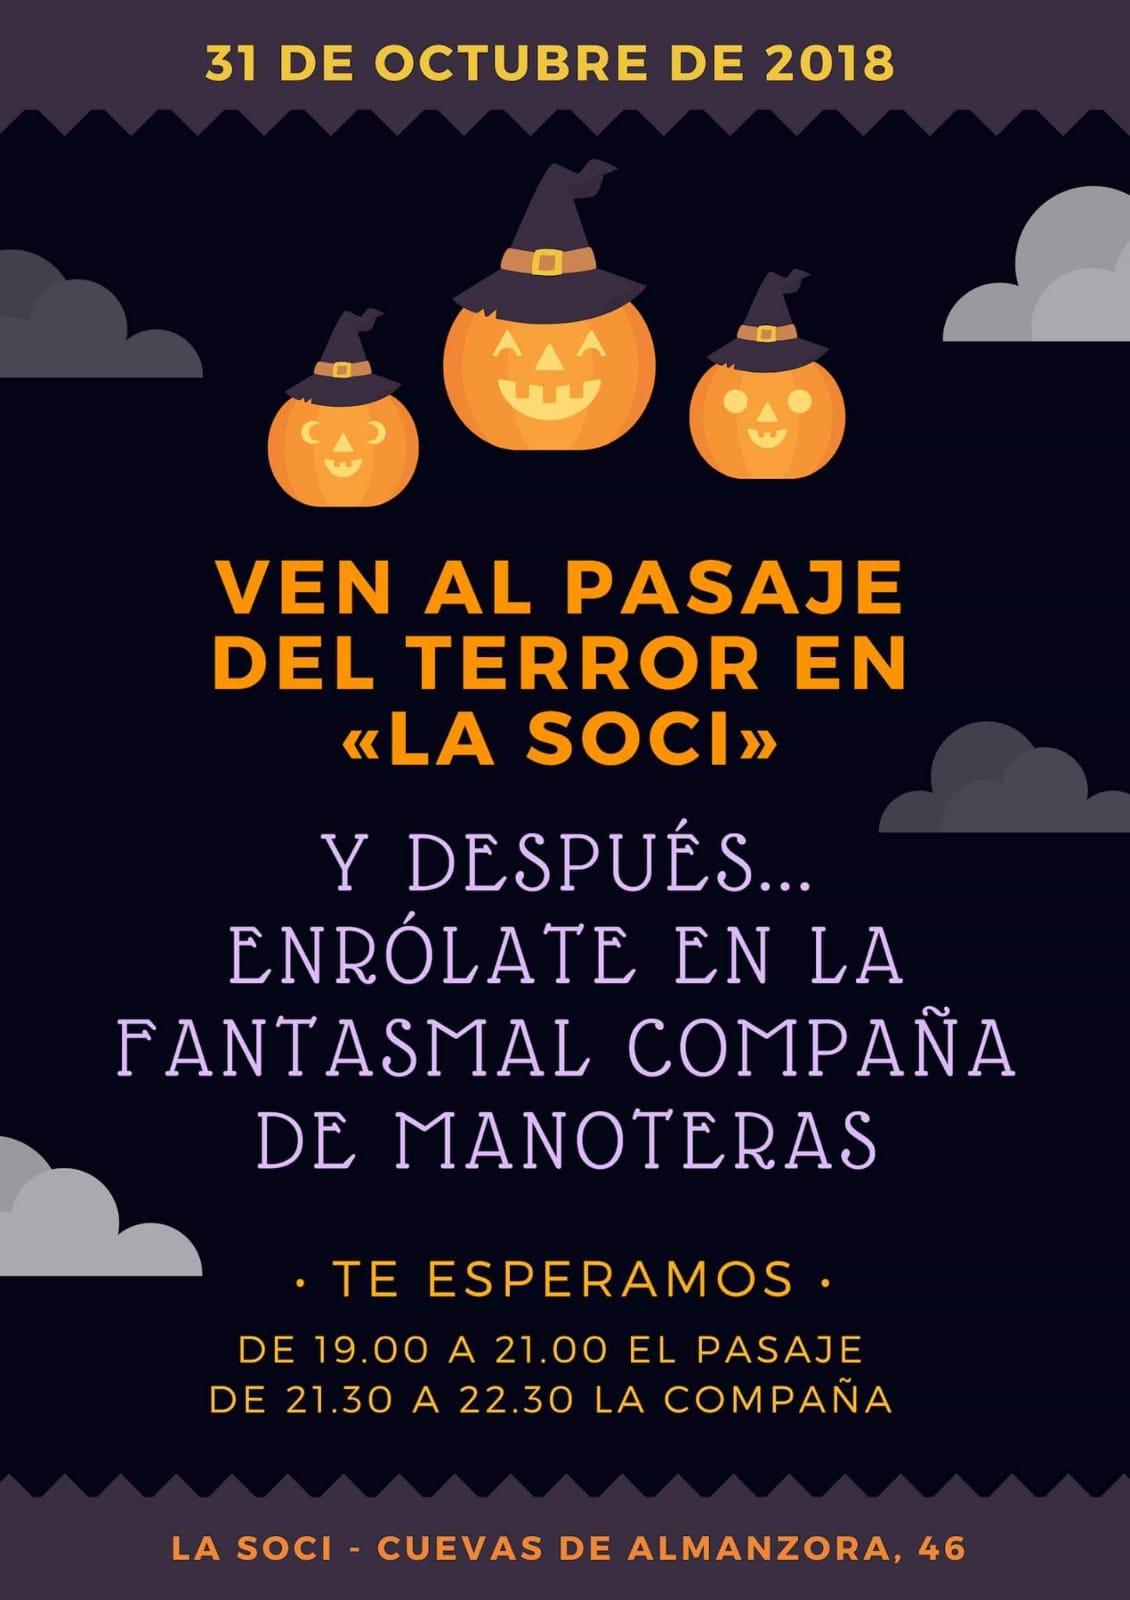 Pasaje del Terror y Fantasmal Compaña de Manoteras